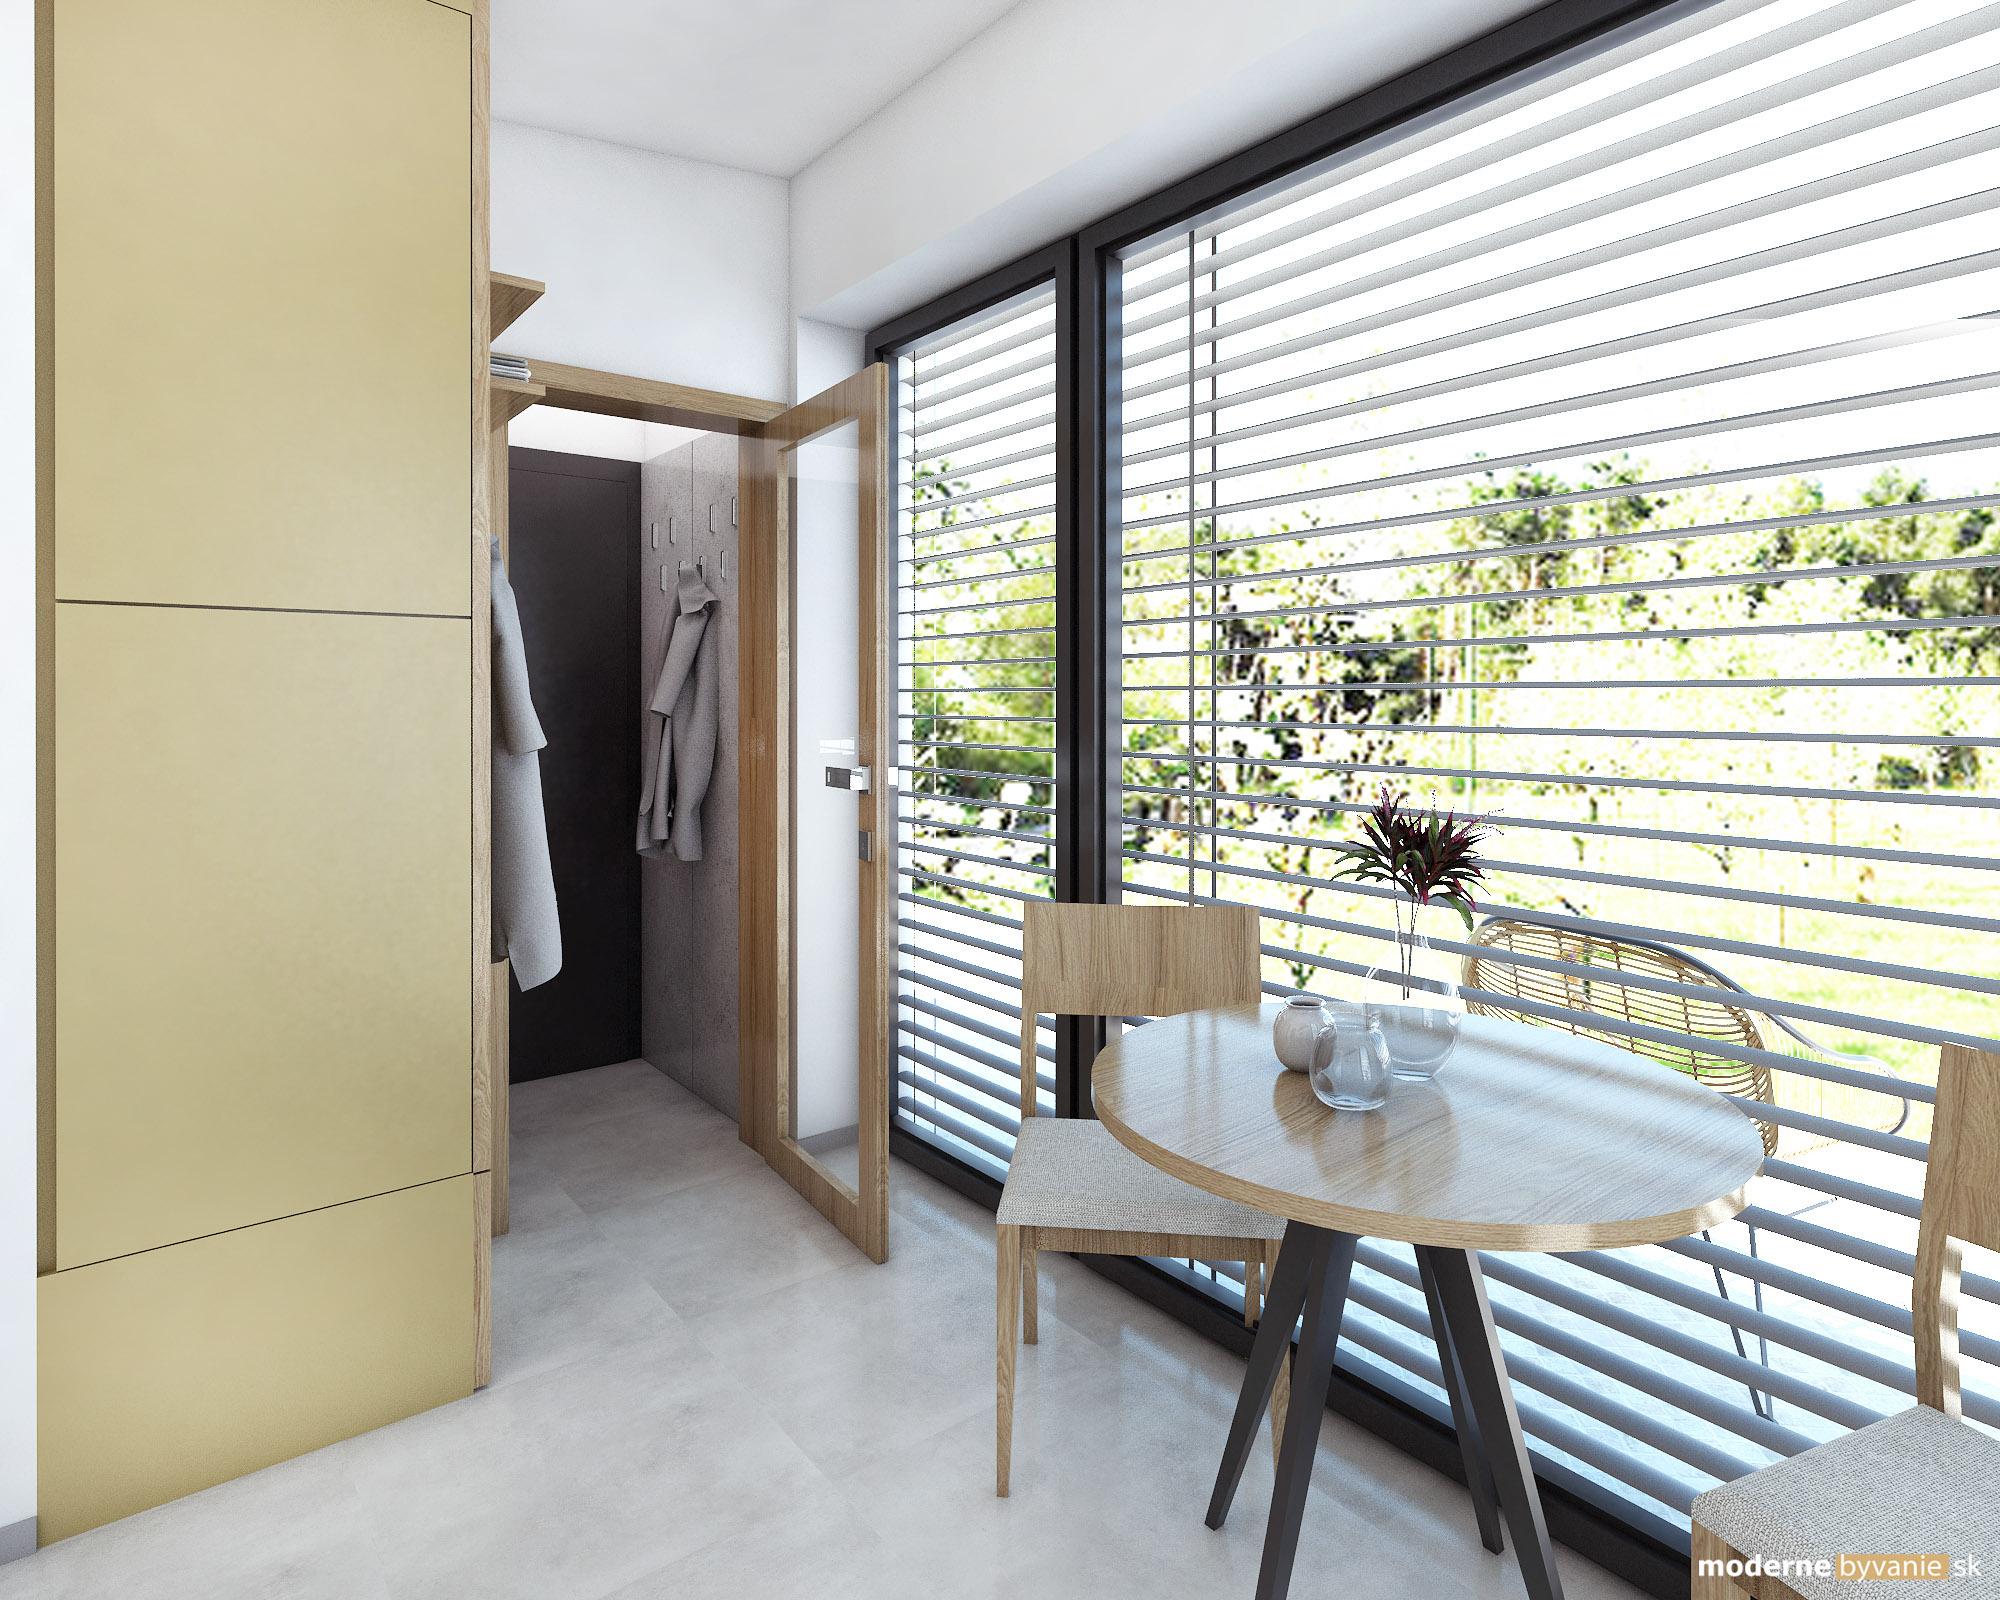 Návrh interiéru-Kuchyňa-Dobrý interiérový architekt aj záhradný domček navrhne